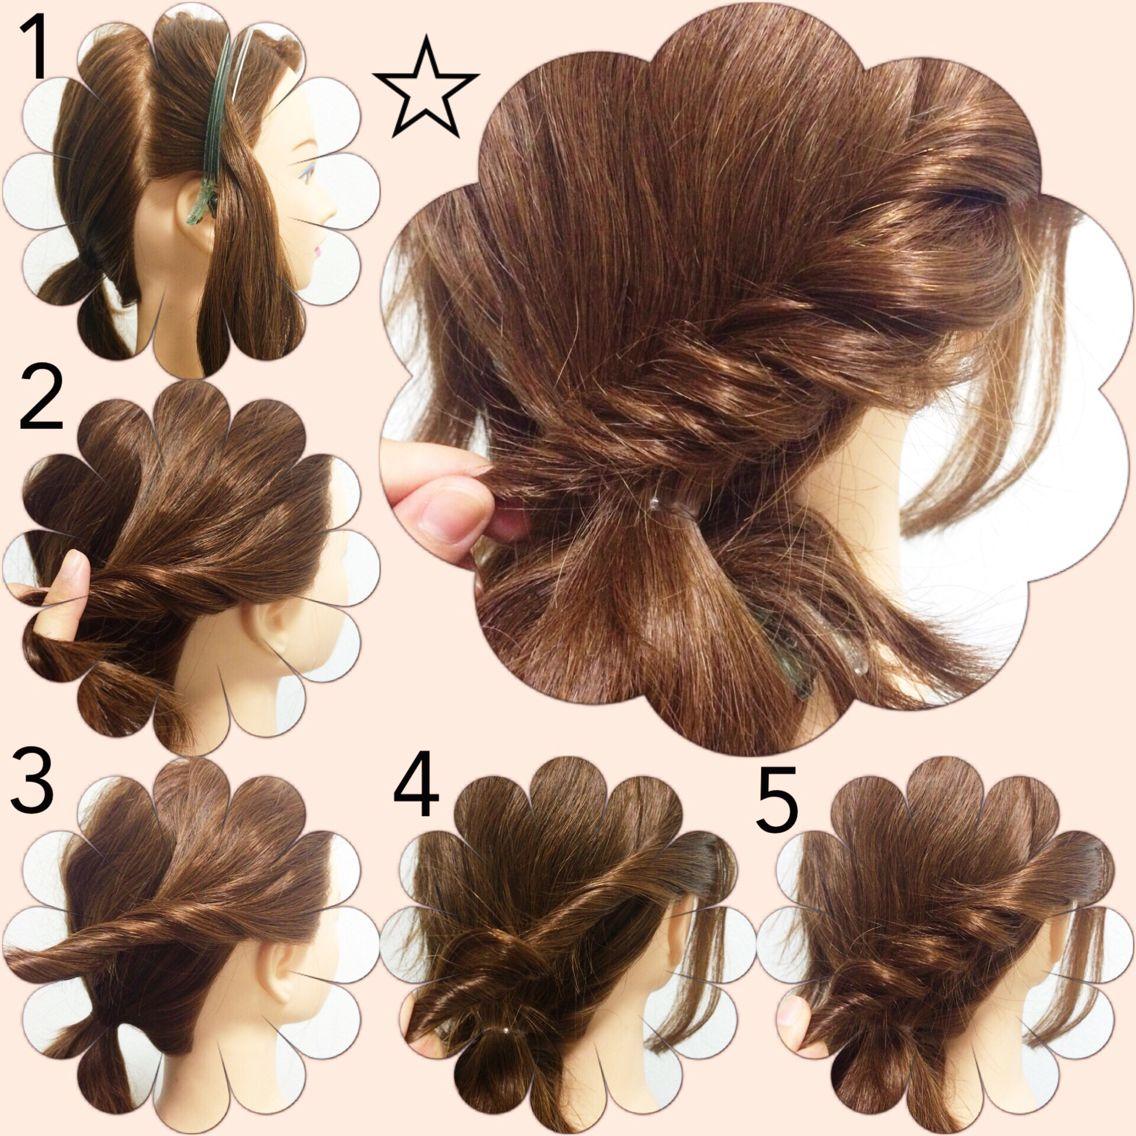 ヘアアレンジ ツイストよりも簡単 ねじった髪を崩すだけ プロセス Hairarrange 簡単 ヘアアレンジ ヘアアレンジ 簡単ヘア